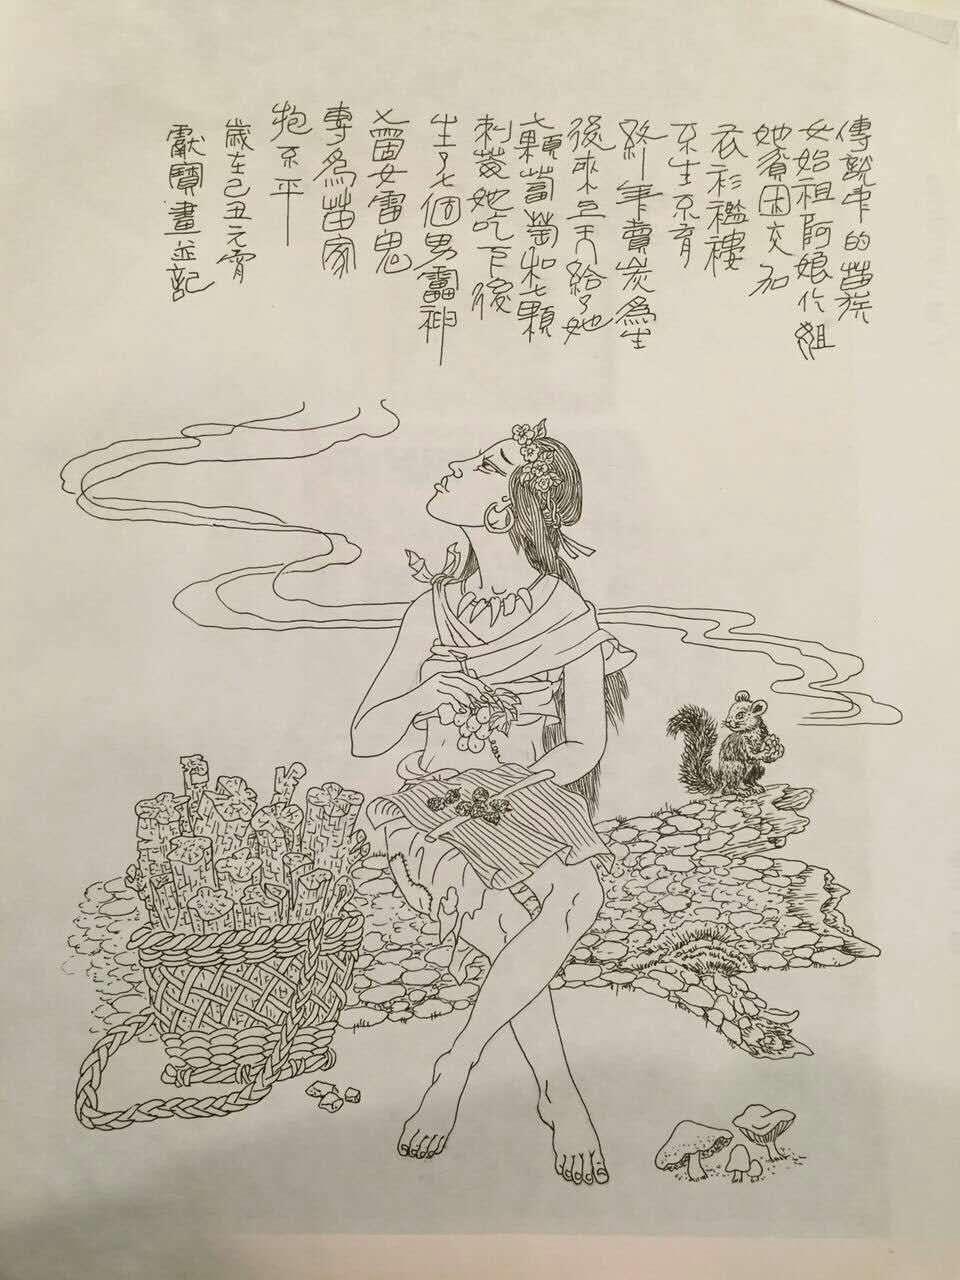 贵州五十多岁乡翁的画,惊呆无数人 - 行者绿豆 - 陌路如花